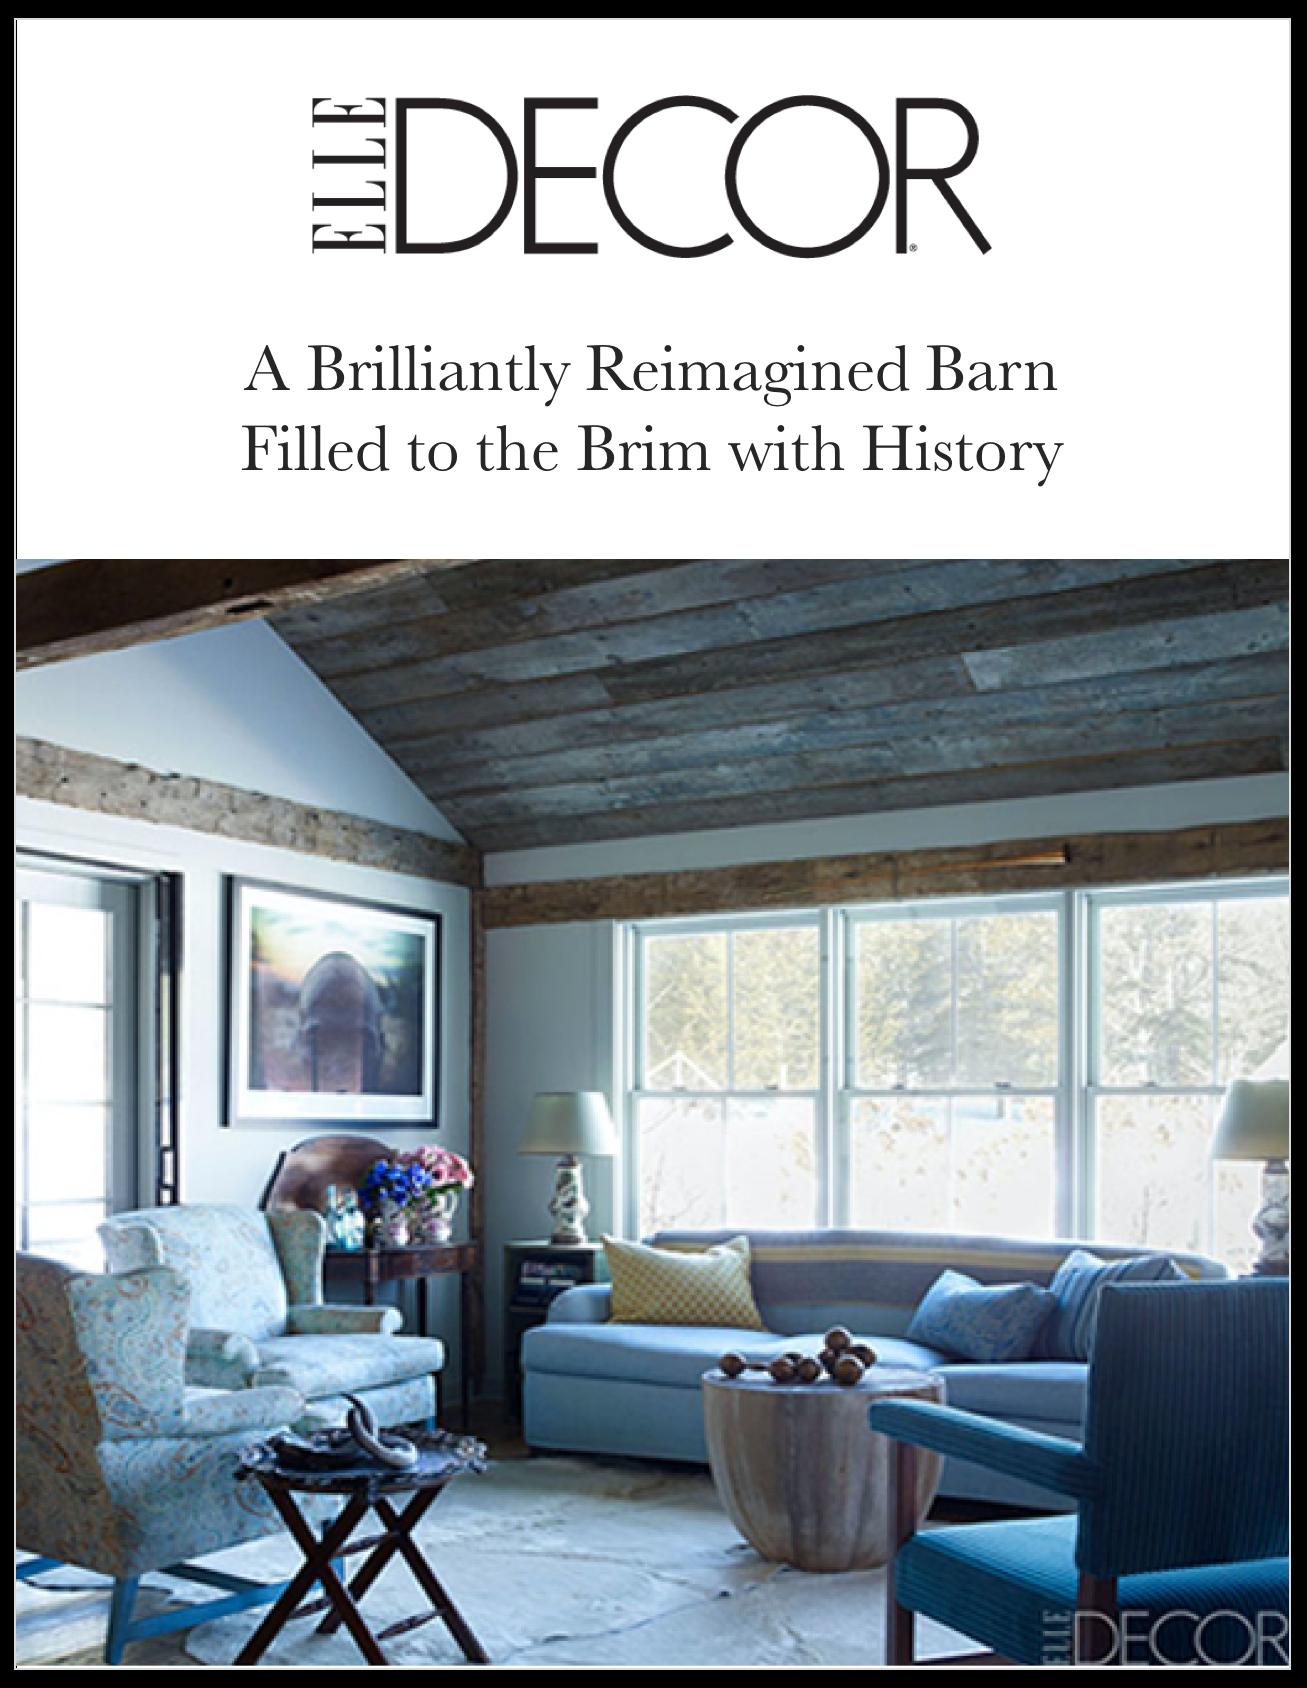 ED_WOODSTOCK_COVER